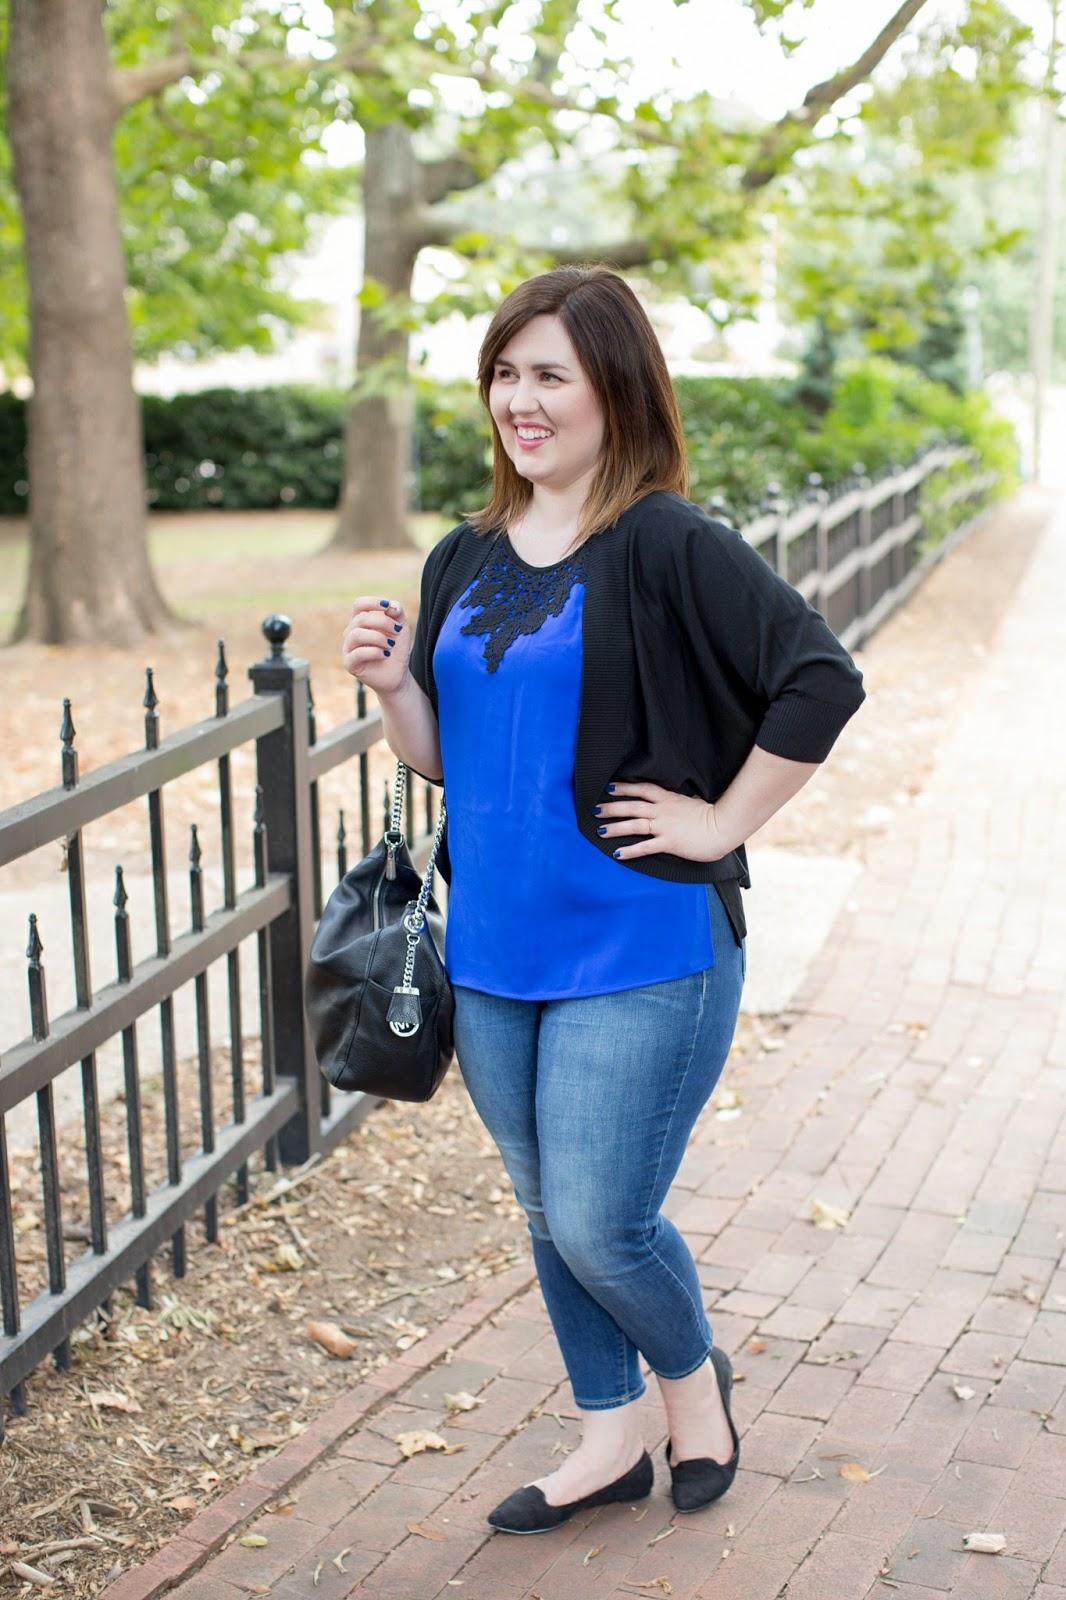 Rebecca Lately Stitch Fix Brixon Ivy Willard Lace Overlay Blouse outfit